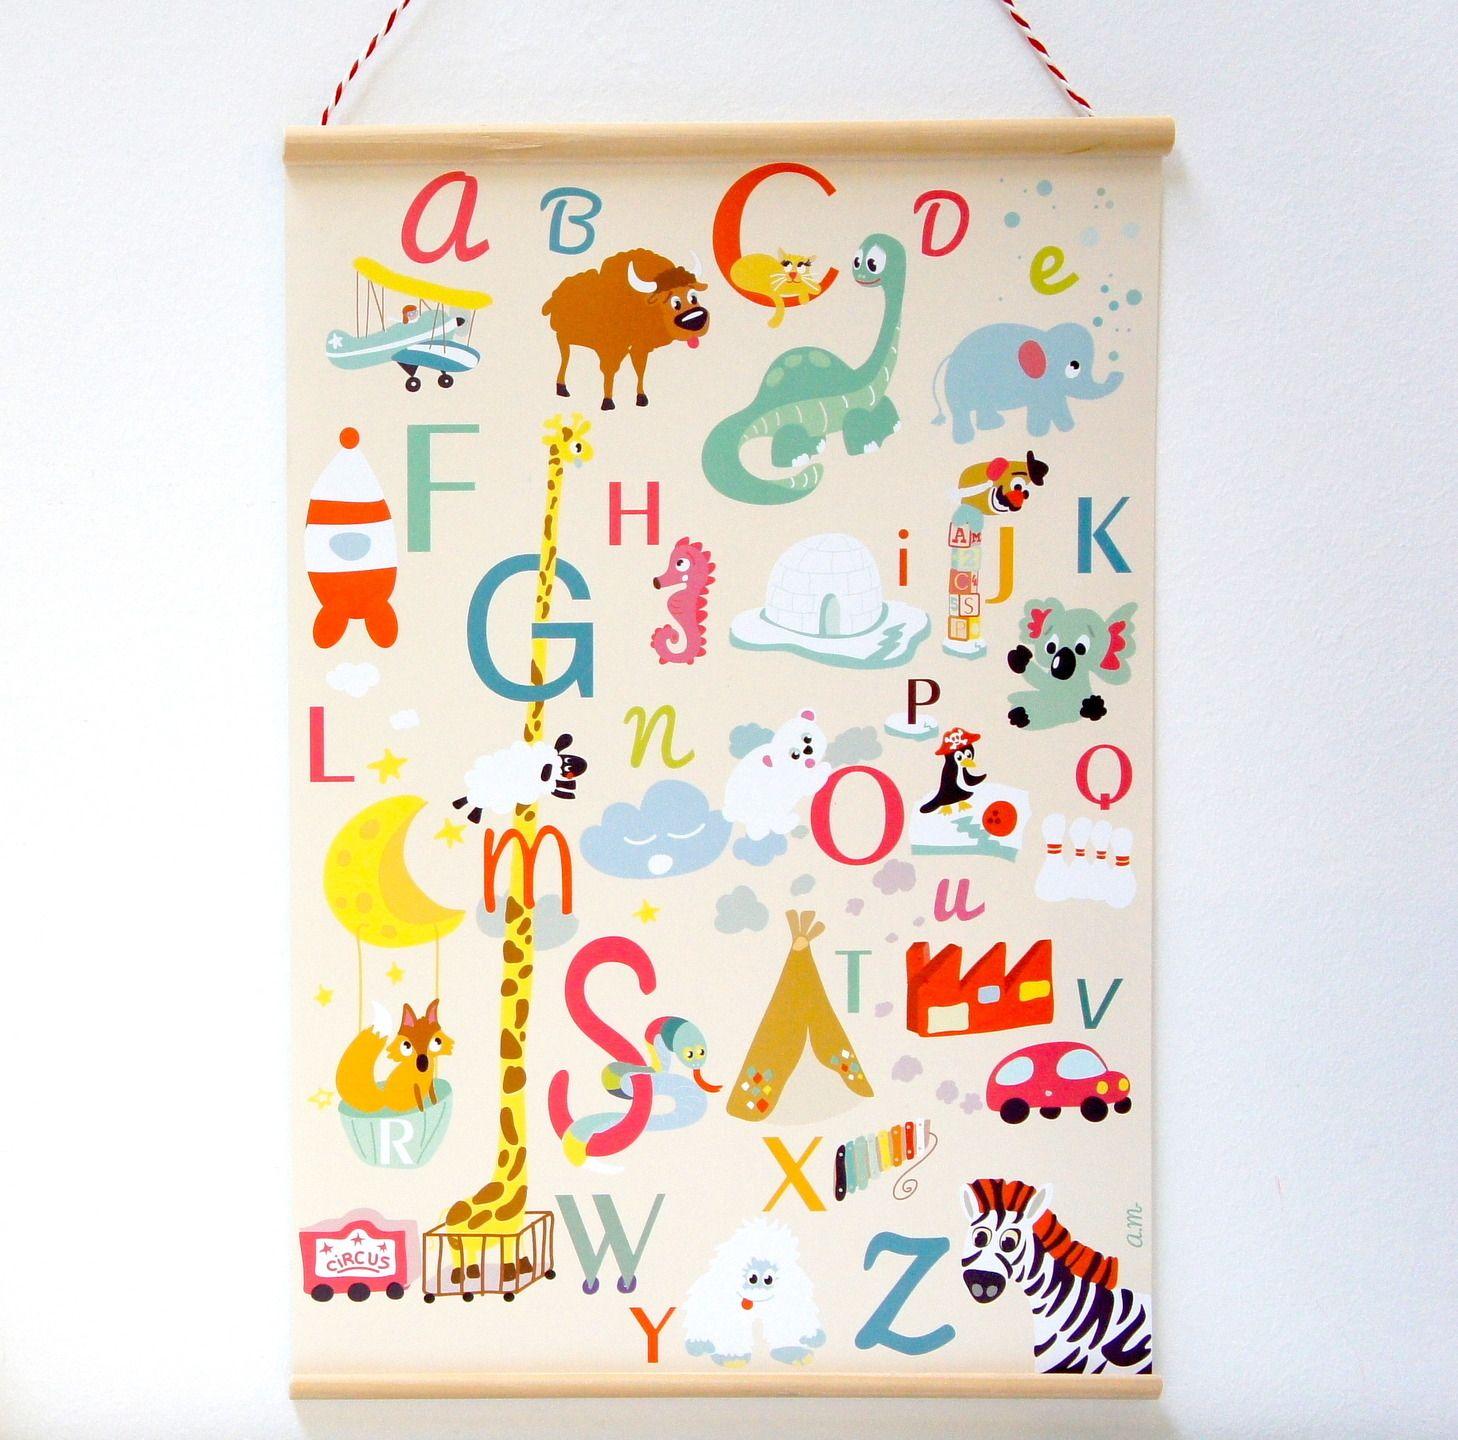 Abecedaire Affiche Enfants Alphabet De A A Z Affiches Illustrations Posters Par Sapristipopette Affiches De L Alphabet Abecedaire Illustrations